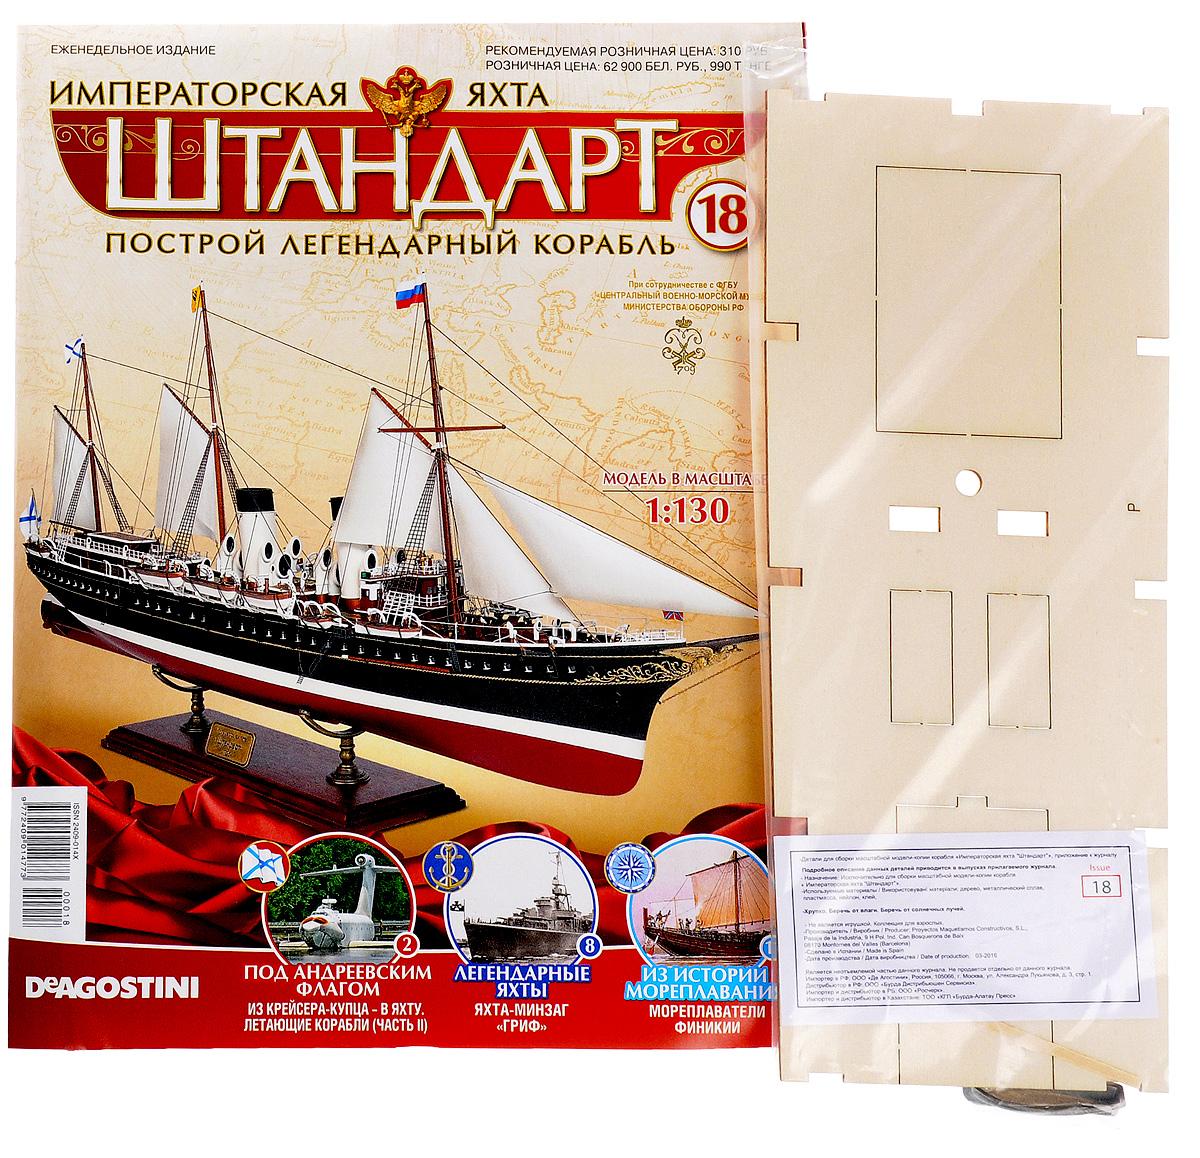 Журнал Императорская яхта Штандарт №18